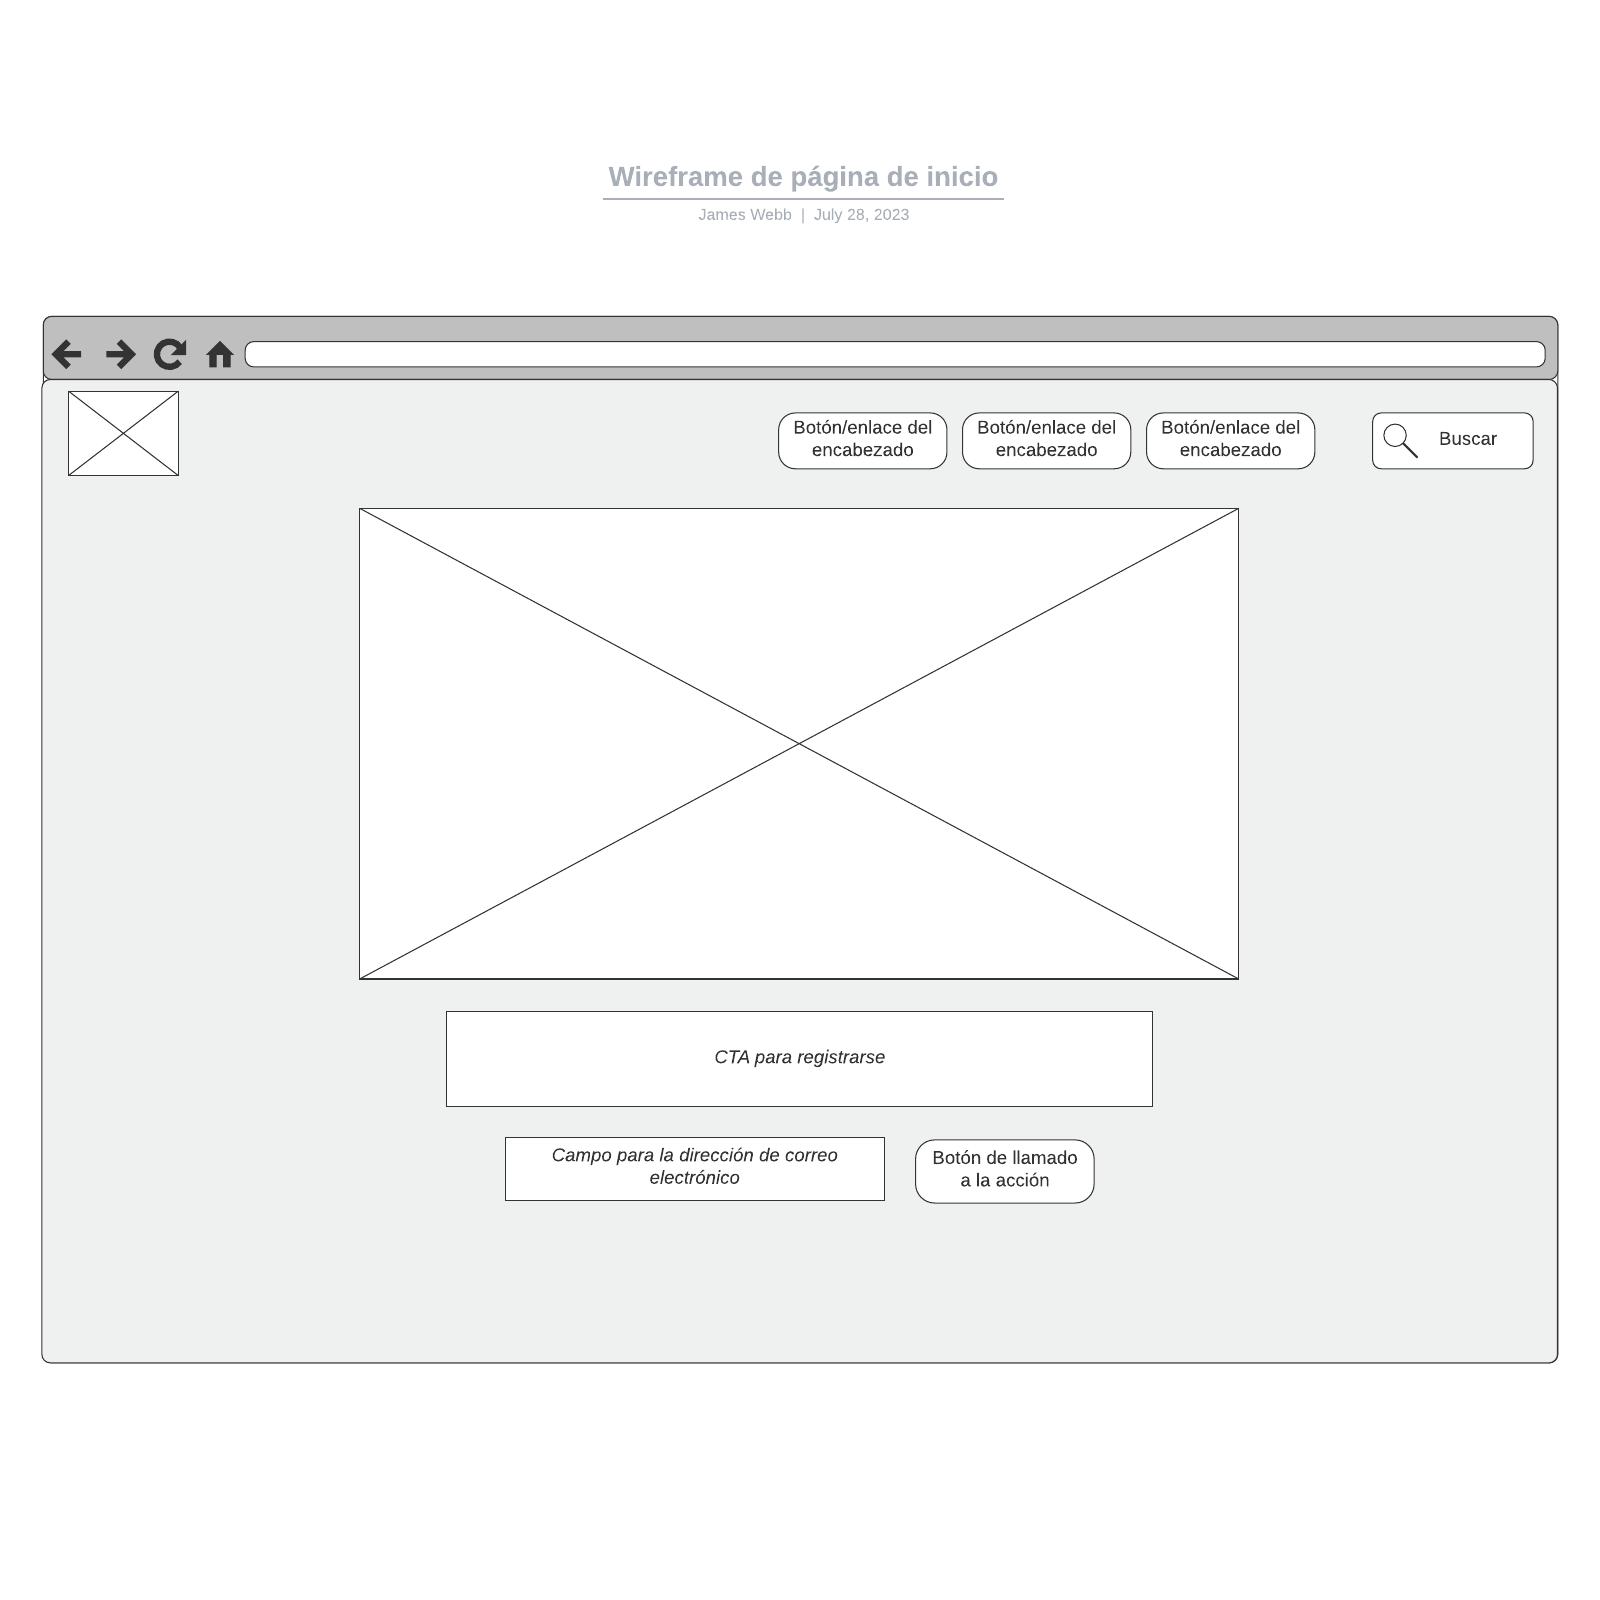 Wireframe de página de inicio